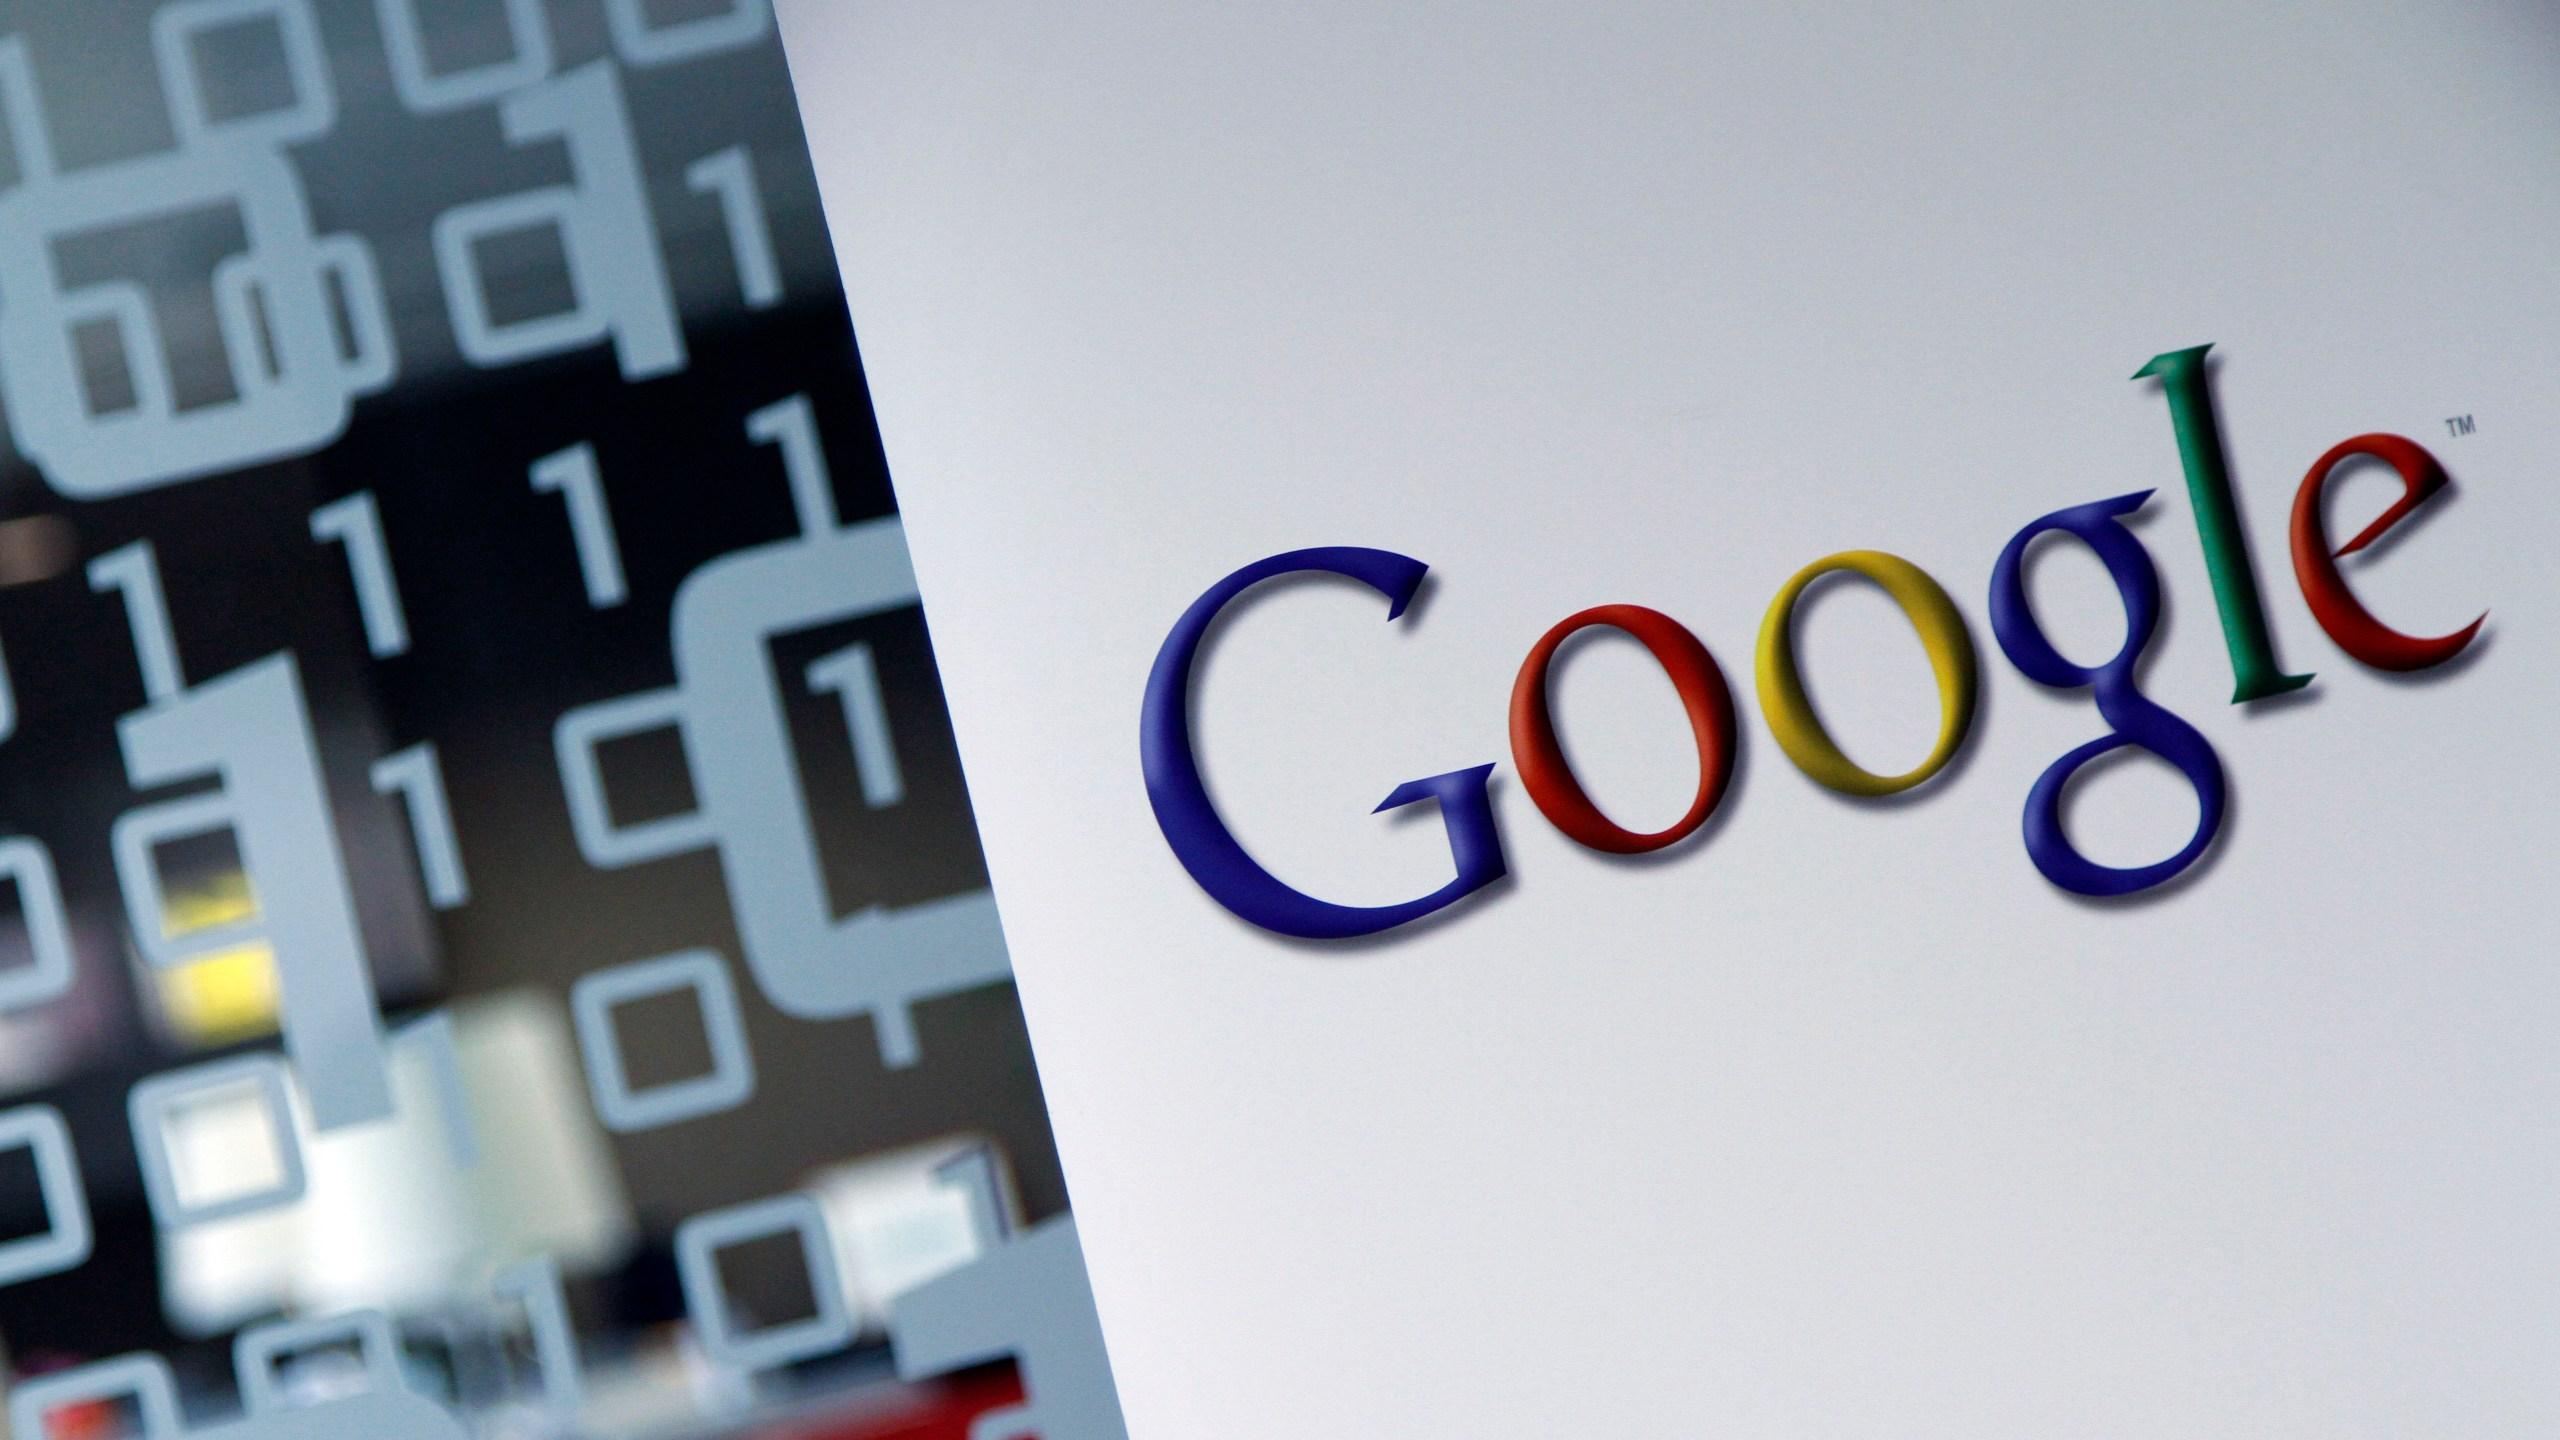 Google-Gender Discrimination Case_252945